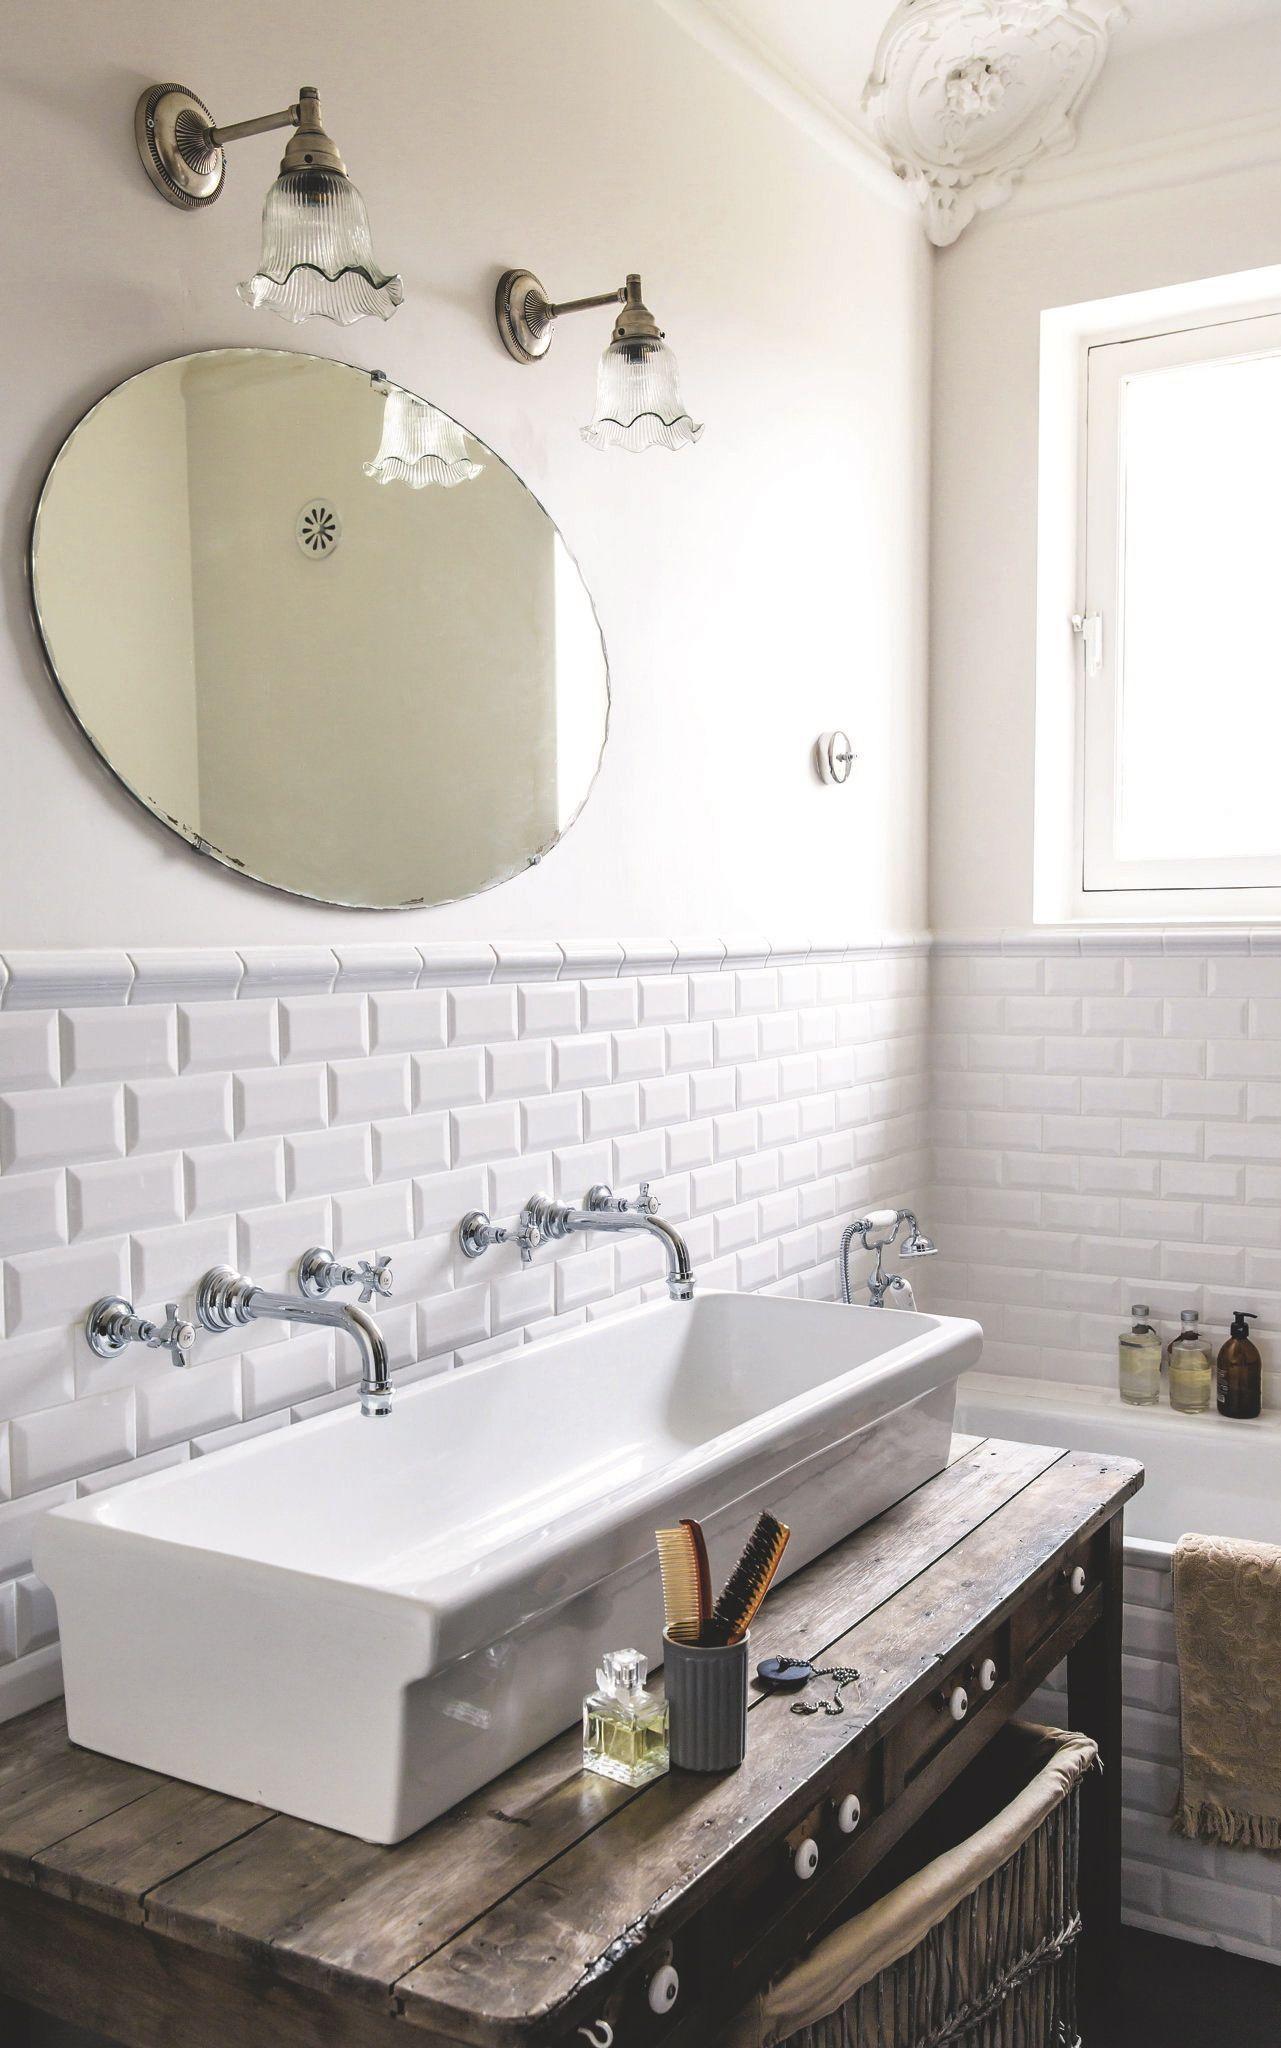 Vasque ecolier sdb recherche google · salle de bain blanchela